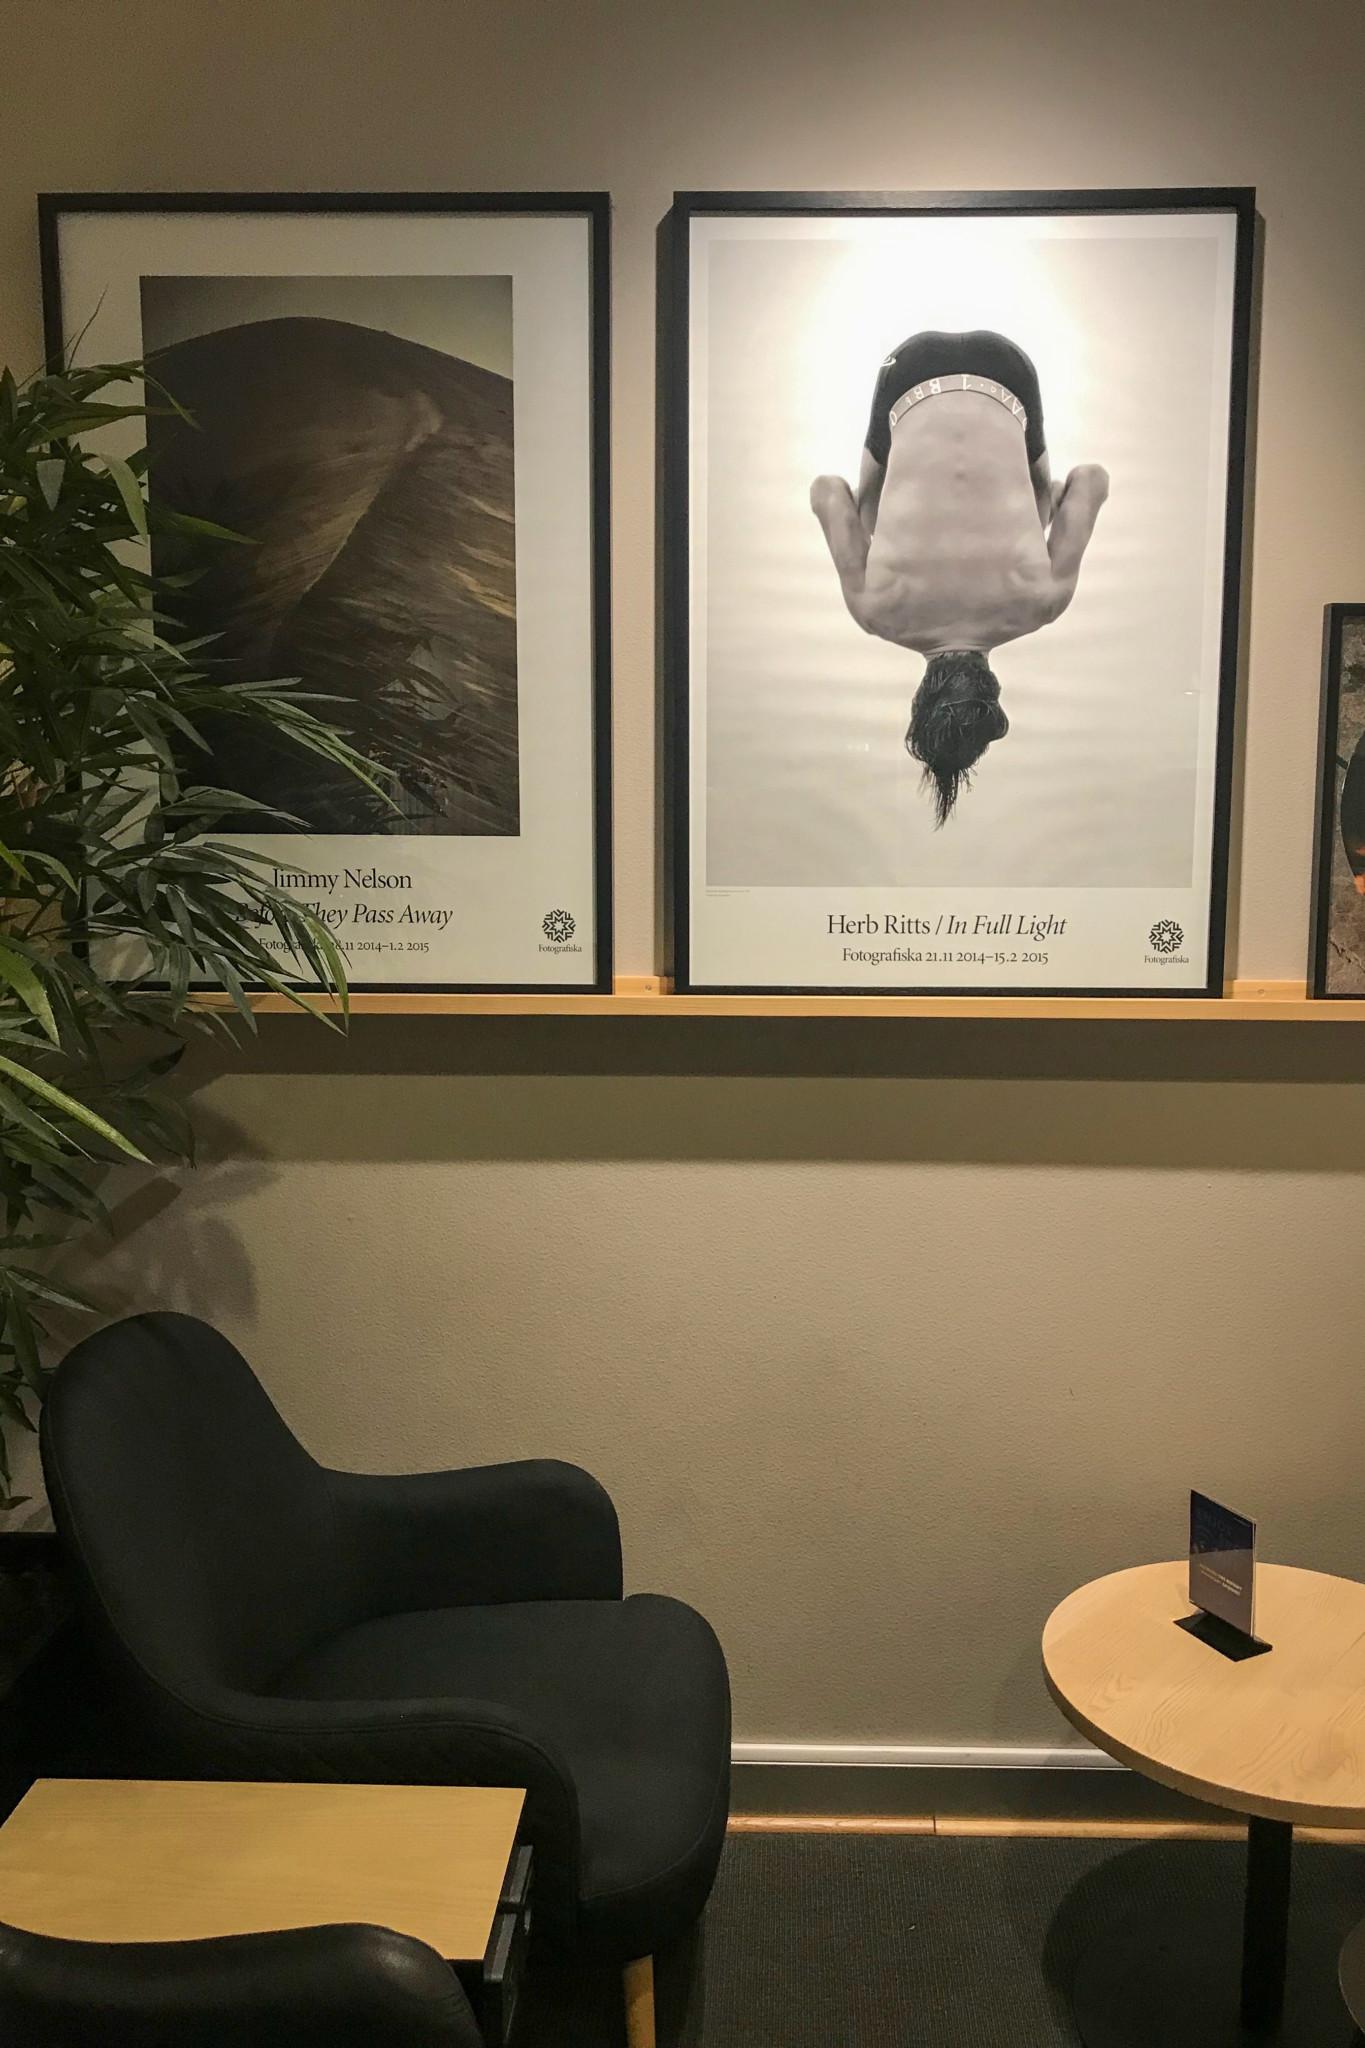 Moderne Sitzecke in der Business Class Lounge von SAS